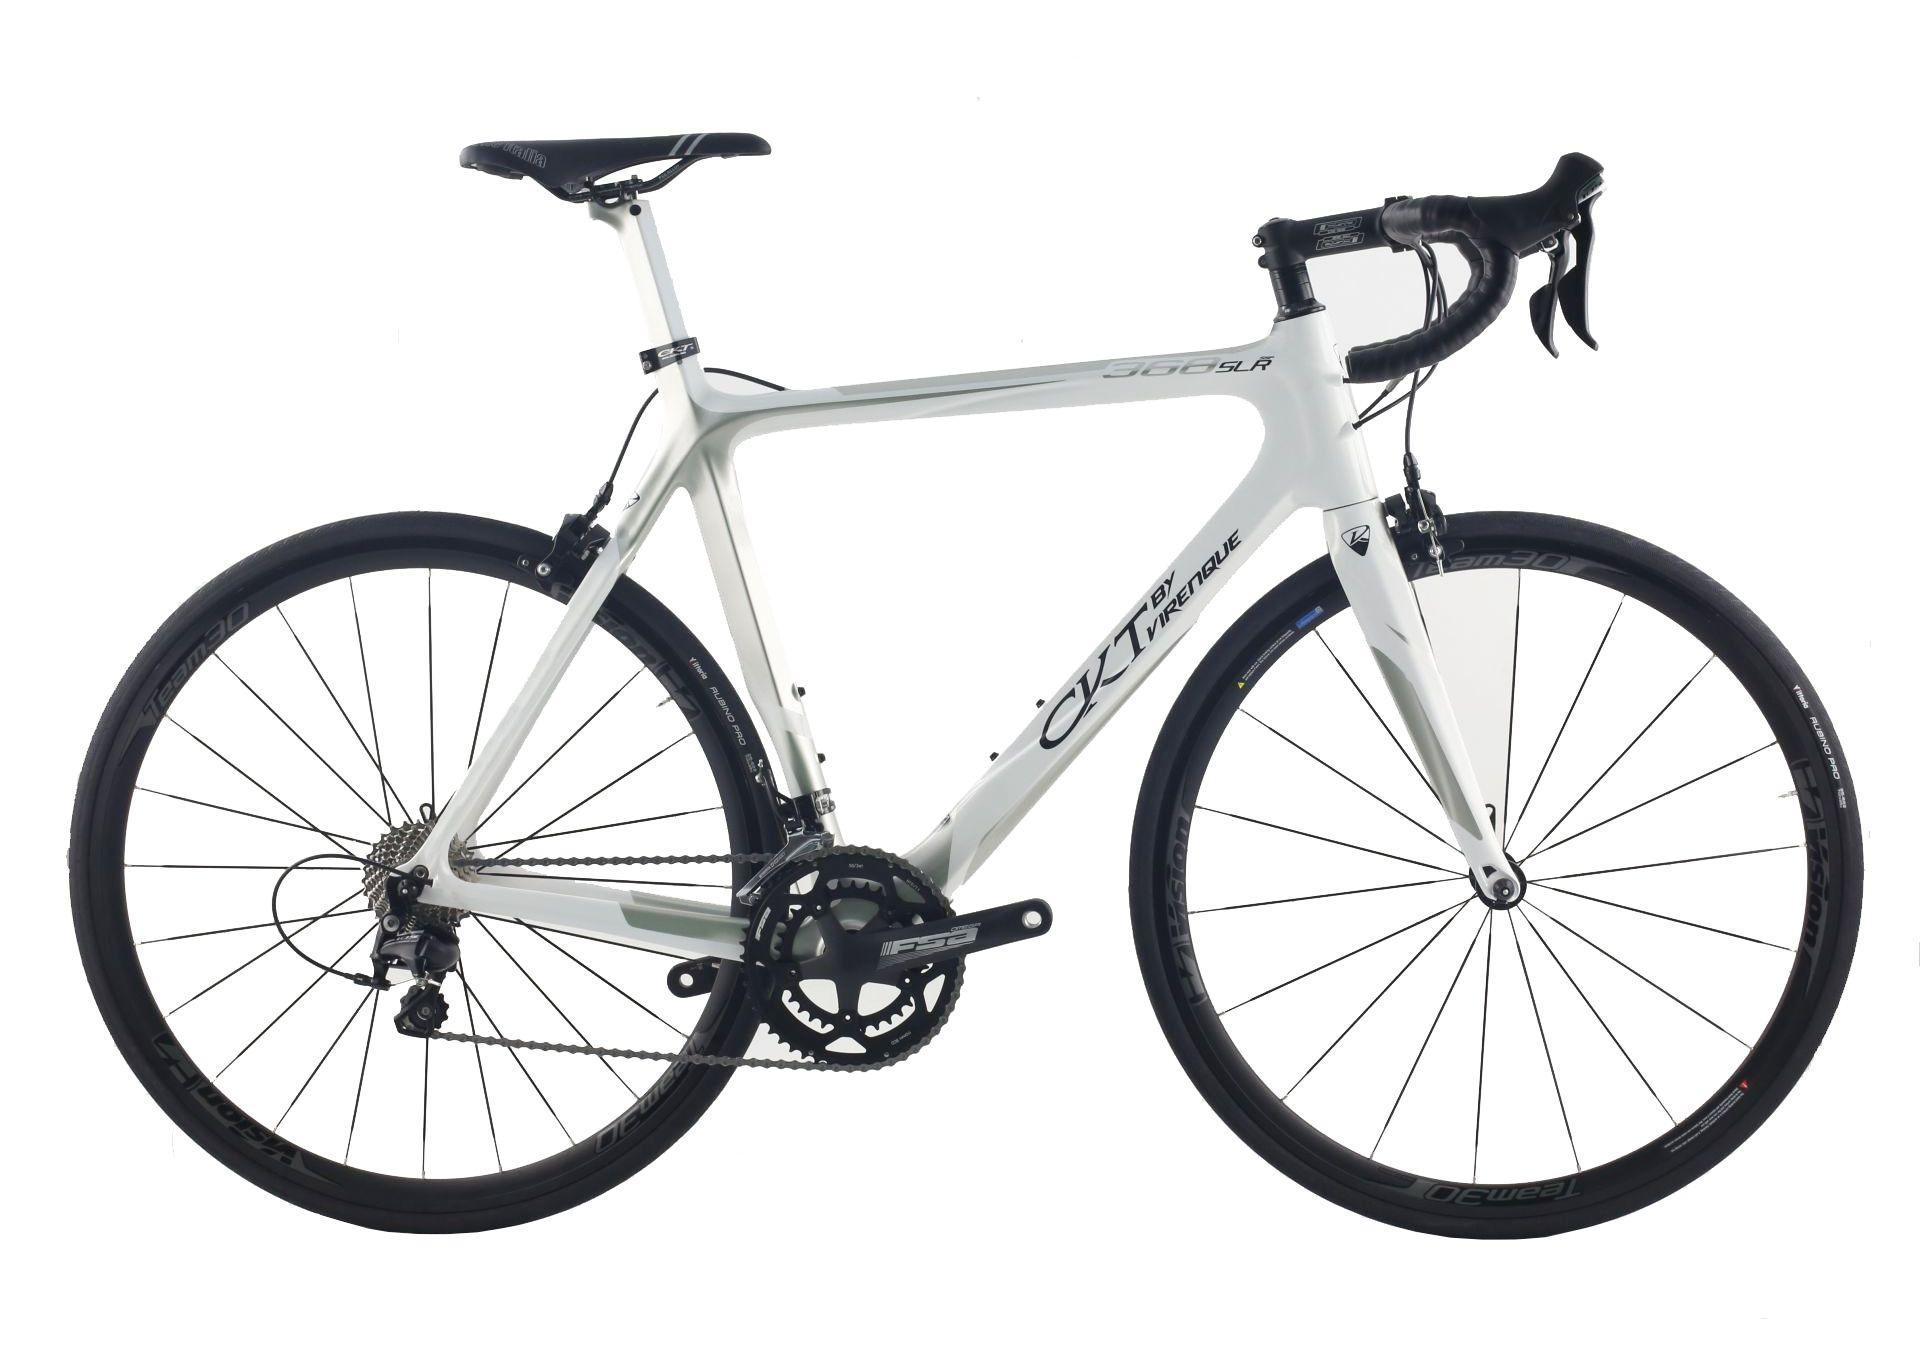 Vélo de route CKT by Virenque 368 SLR carbone Shimano Ultegra - L / 55 cm